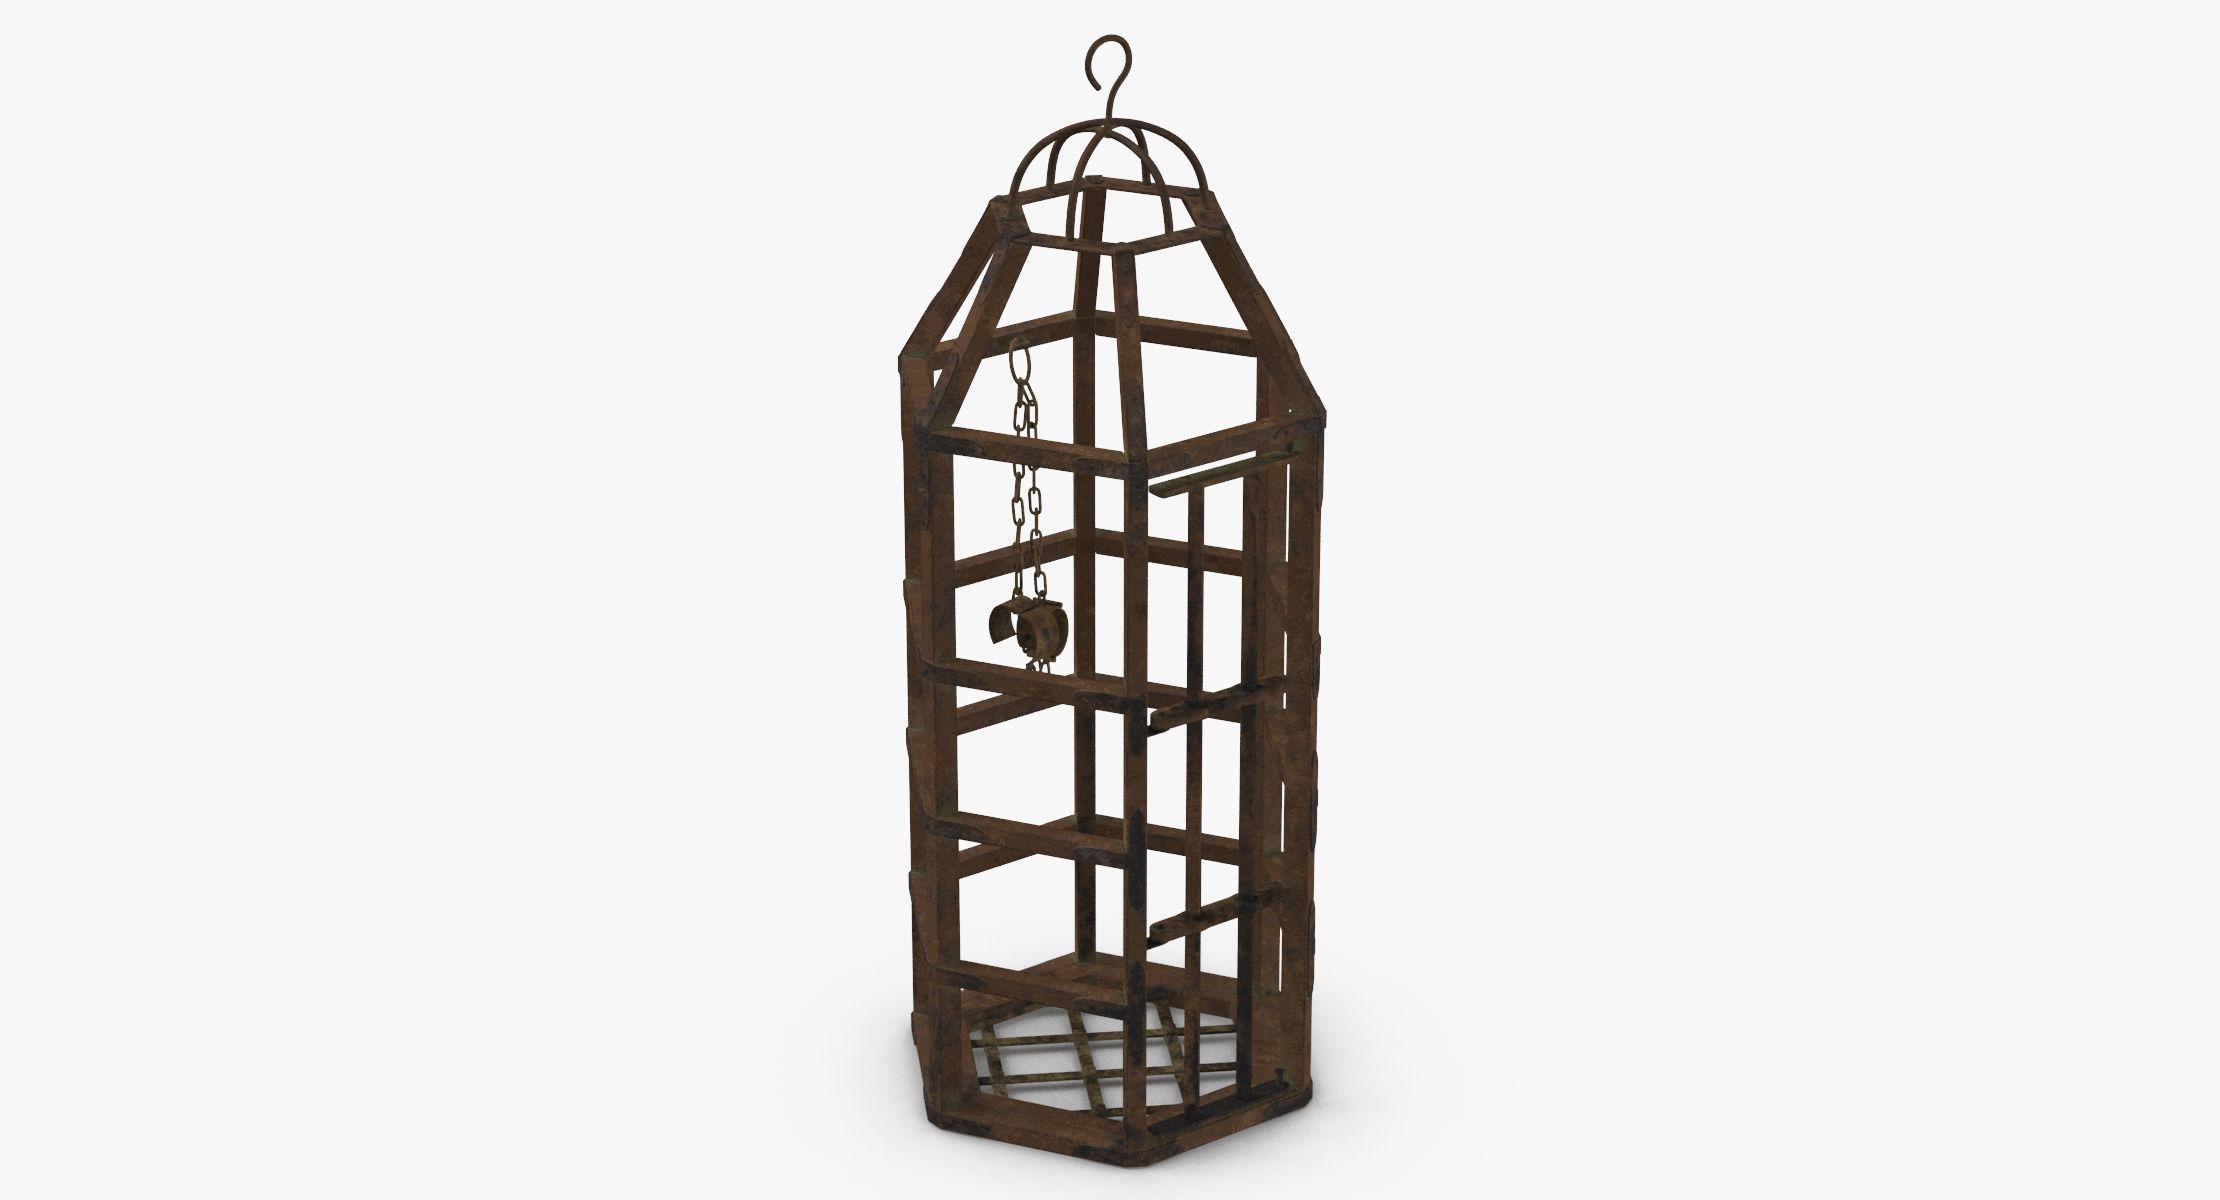 Medieval Cage - reel 1